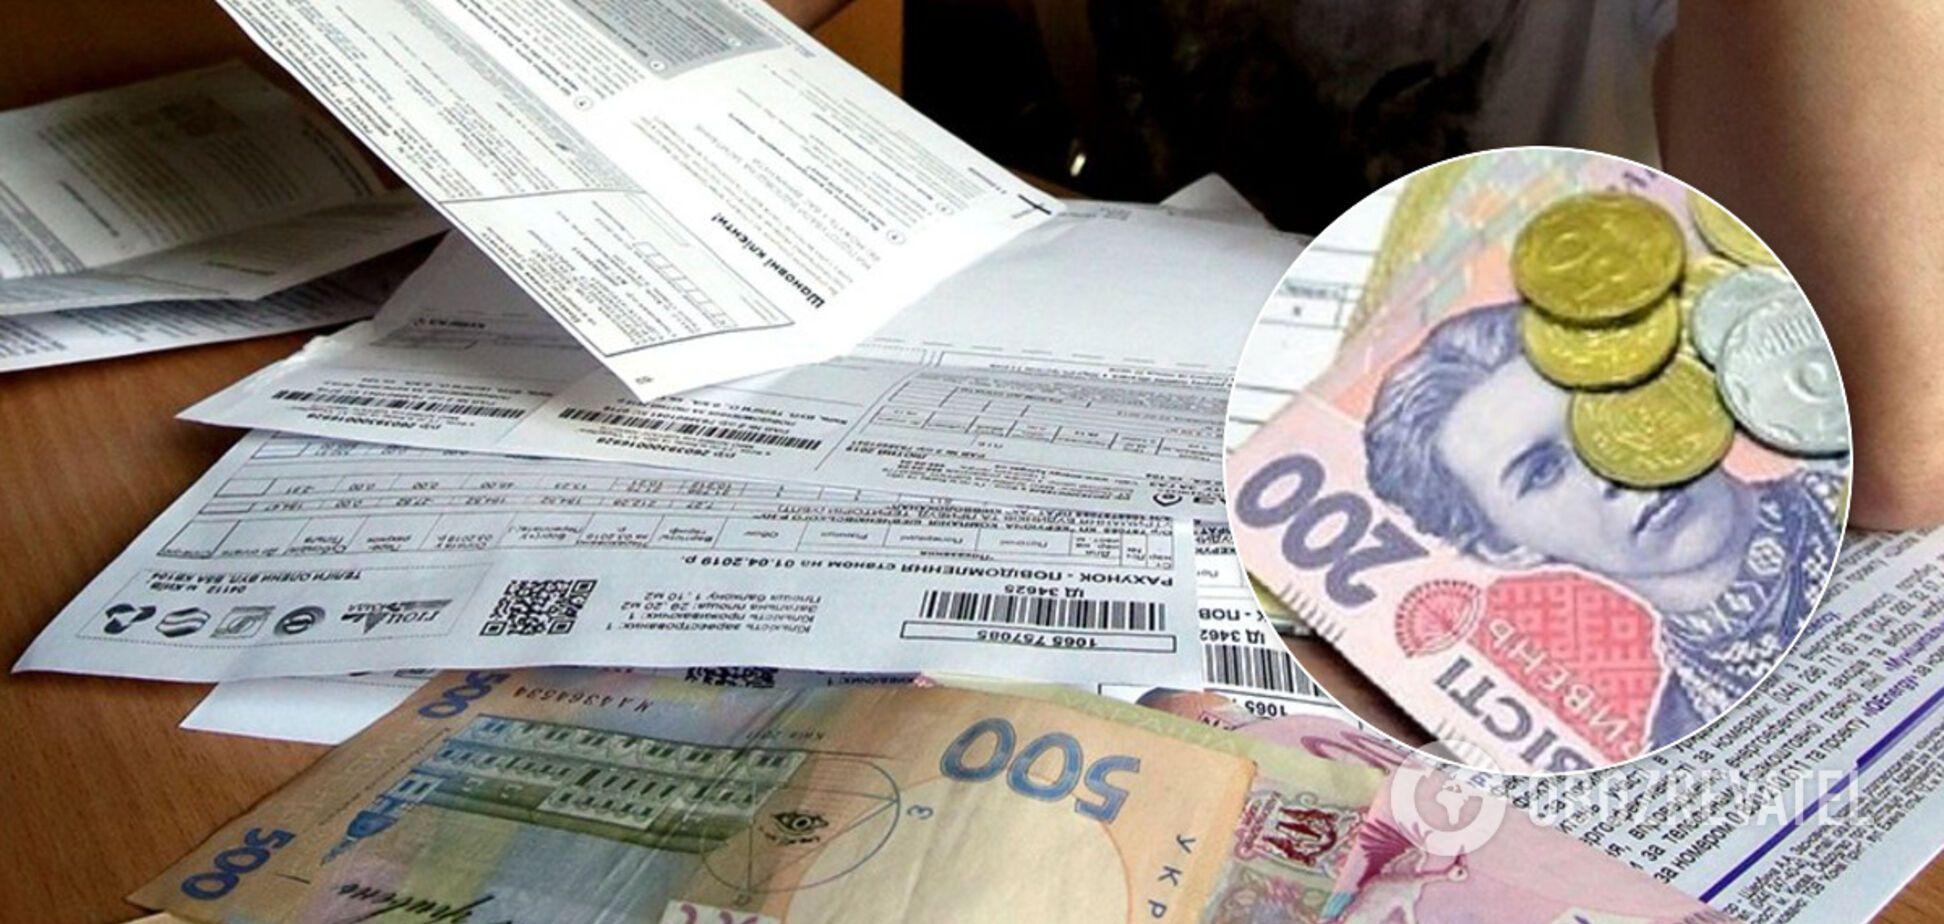 В Україні злетять штрафи за комуналку: кому припишуть 50% до боргу і до чого тут МВФ